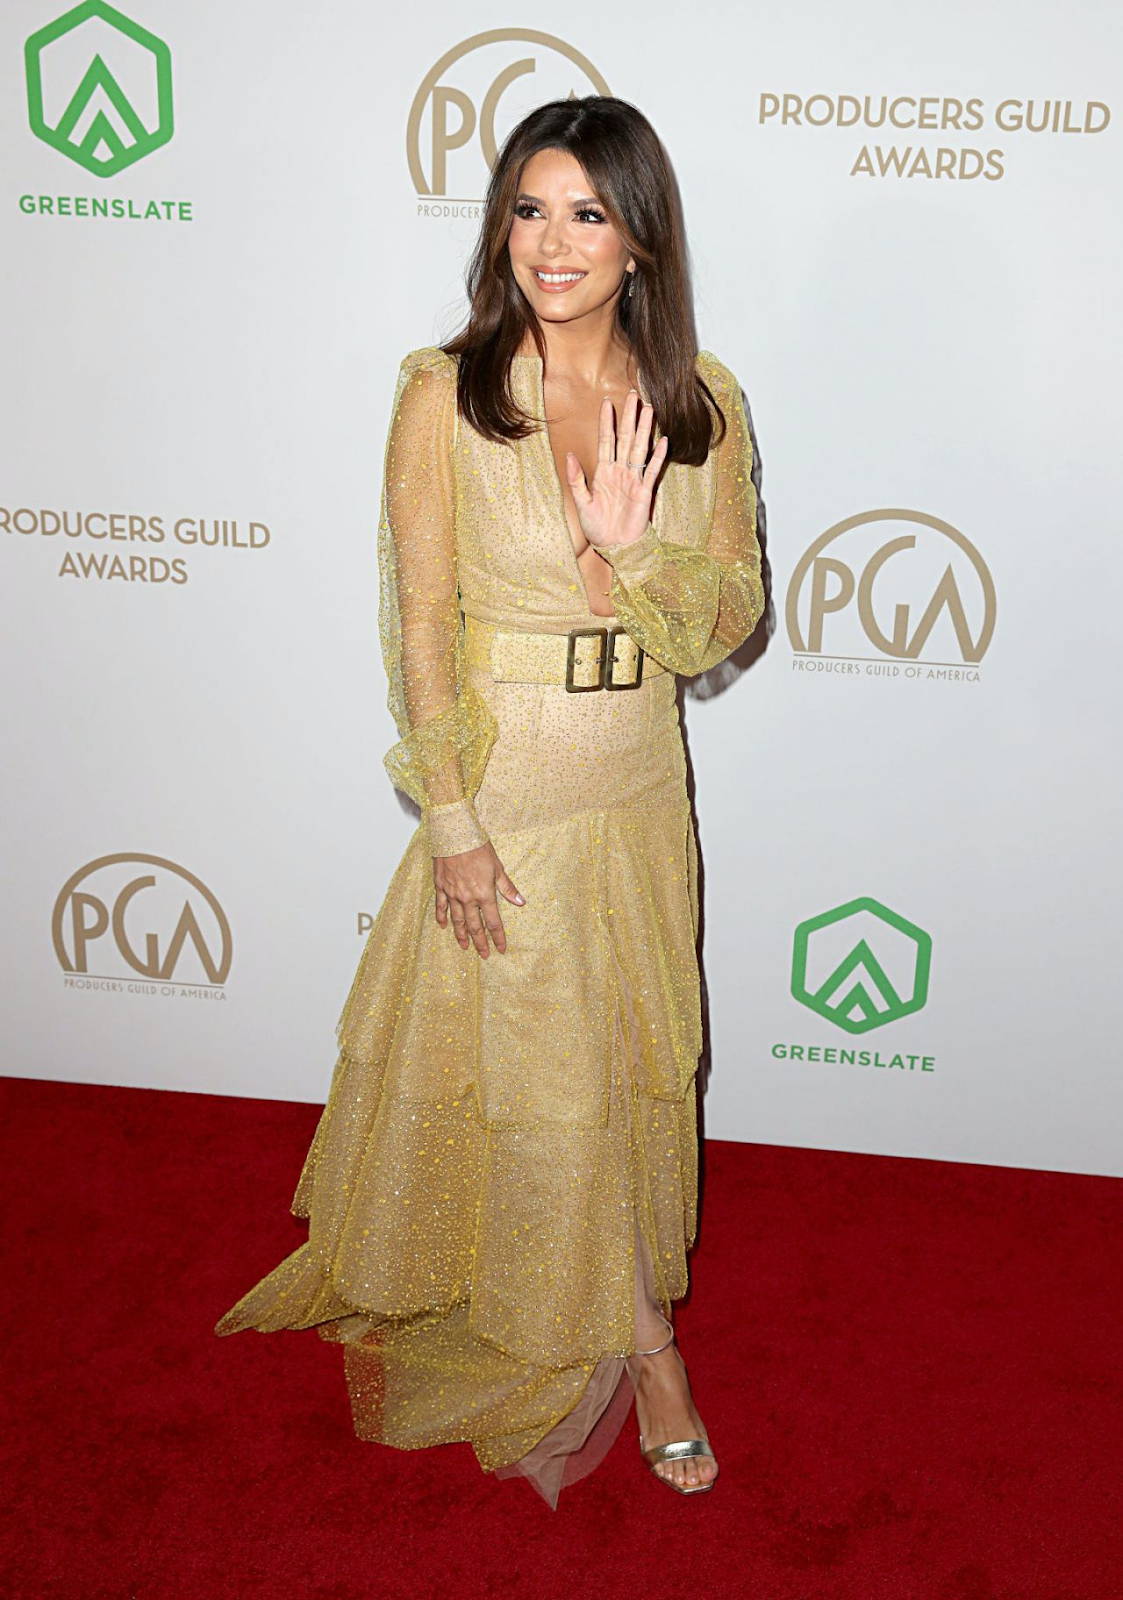 Eva Longoria wearing a Teresa Helbig dress at Producers Guild Awards